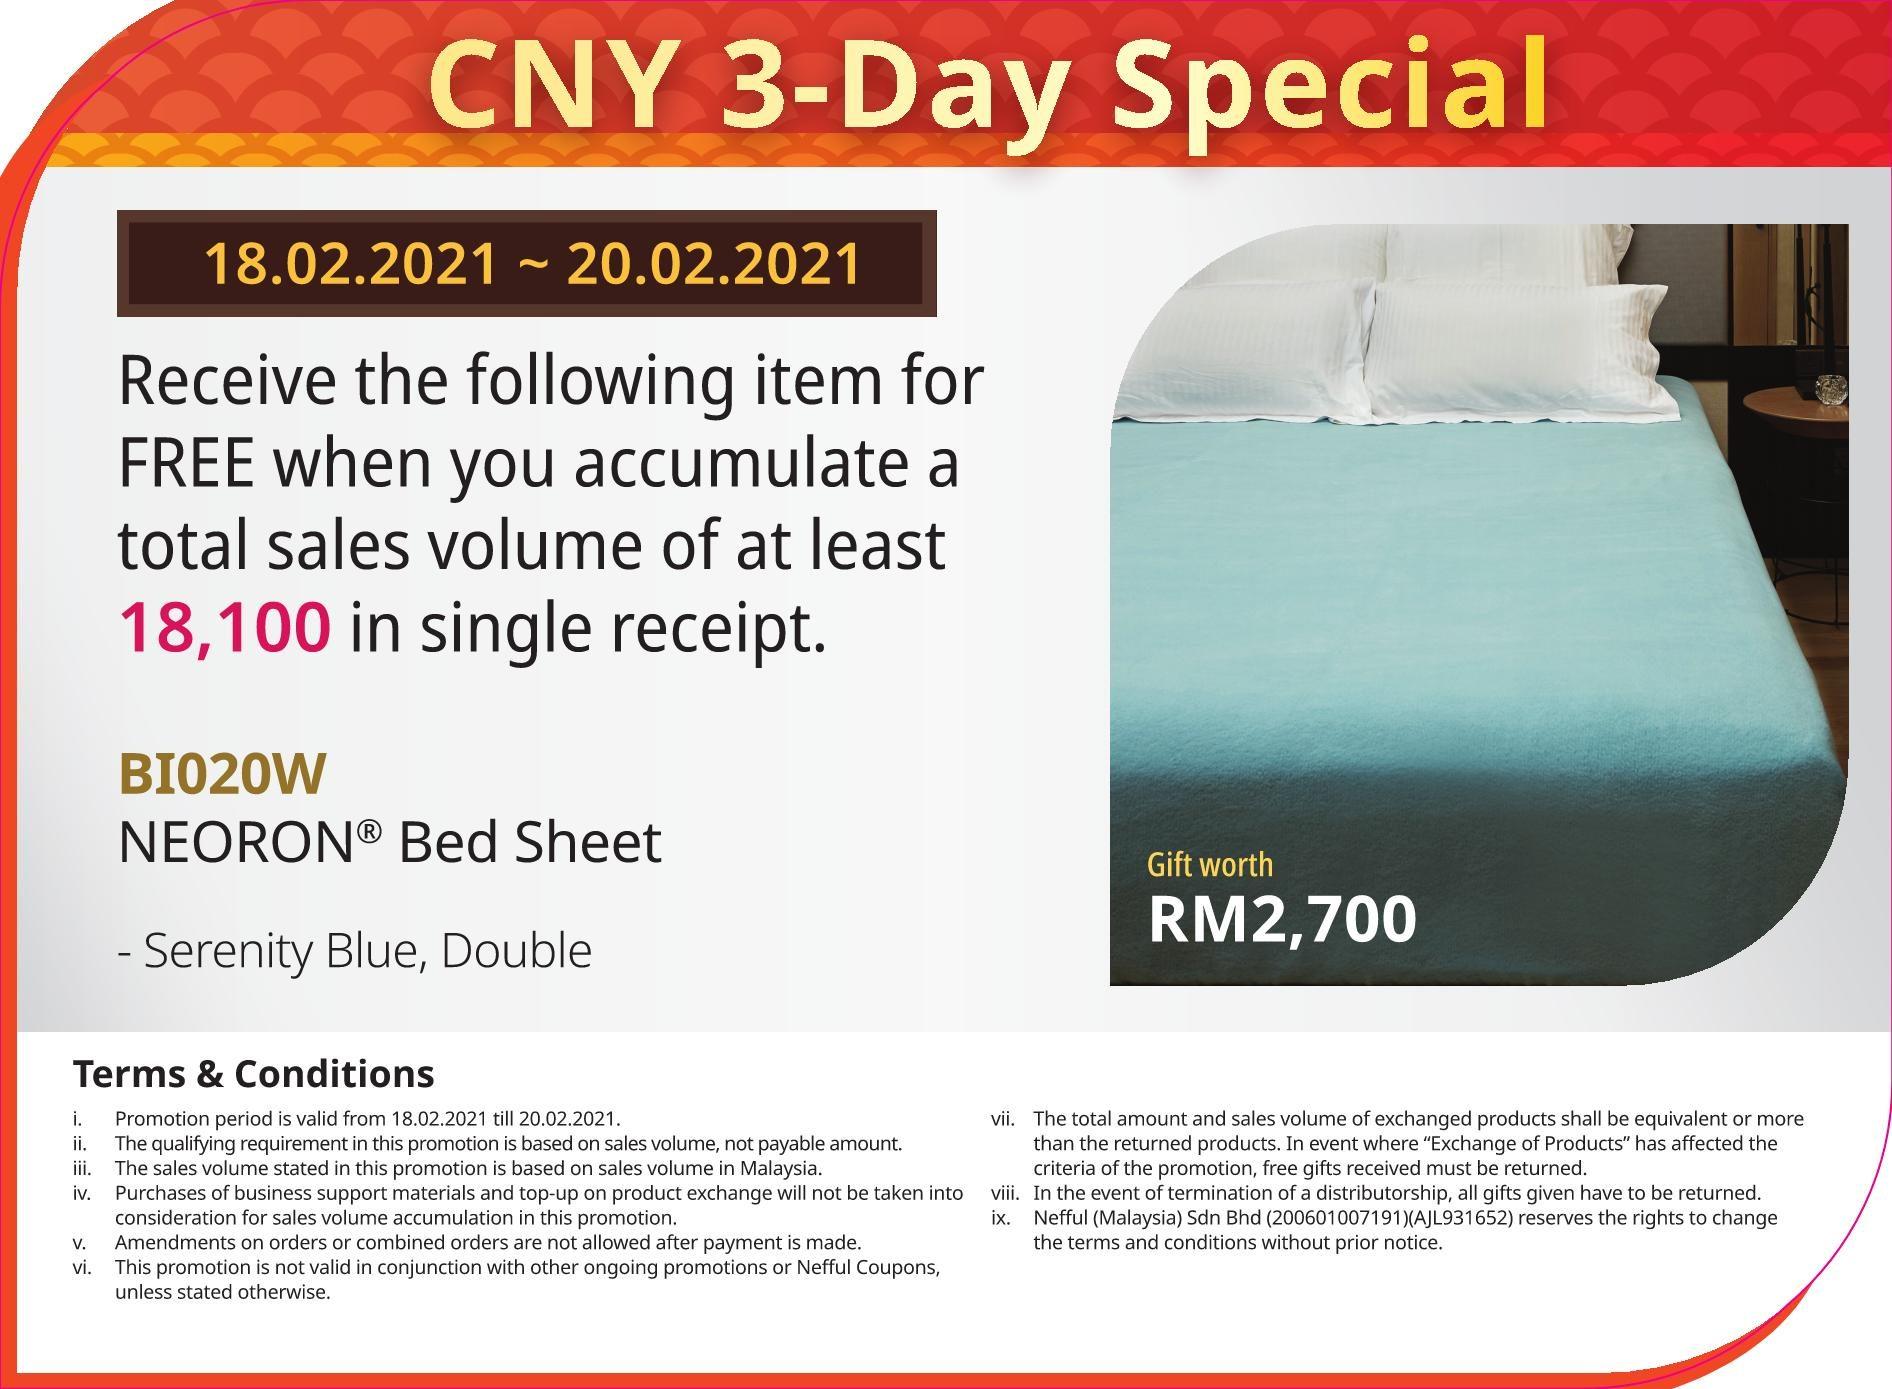 NFMYEN_CNY Special Promotion